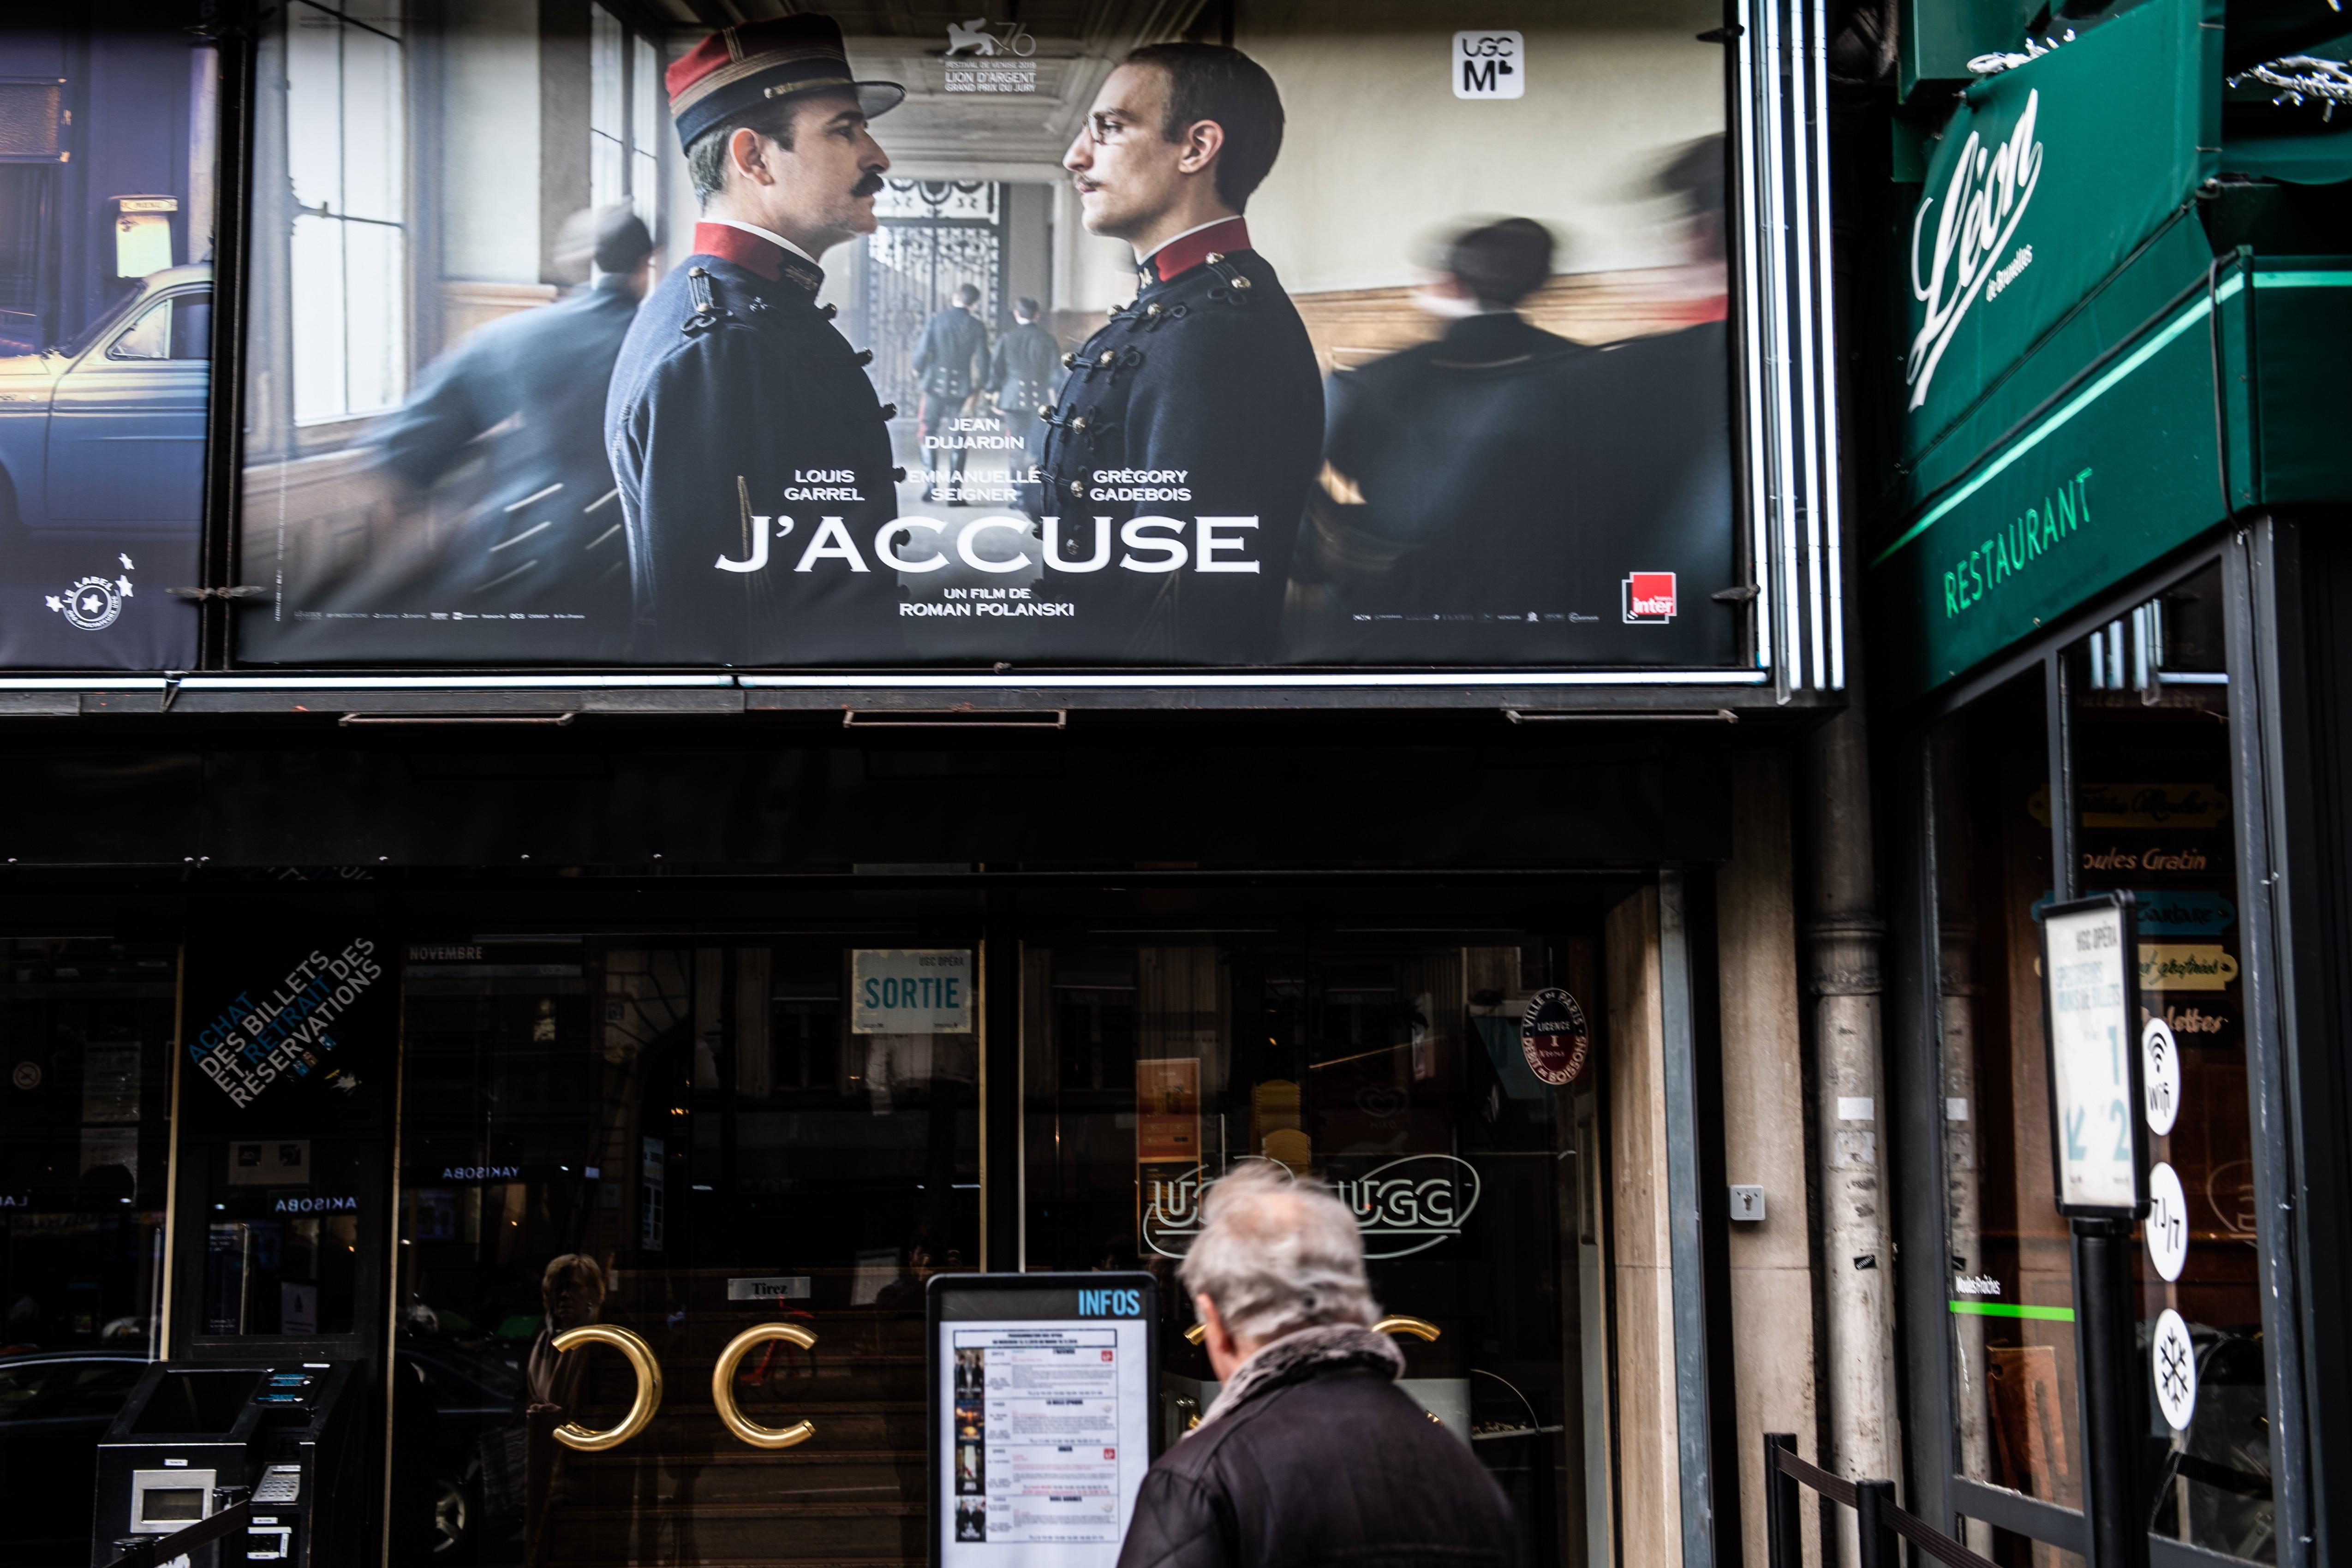 """Poster de divulgação do filme """"J'accuse"""" de Roman Polanski, em um cinema de Paris Martin BUREAU / AFP"""